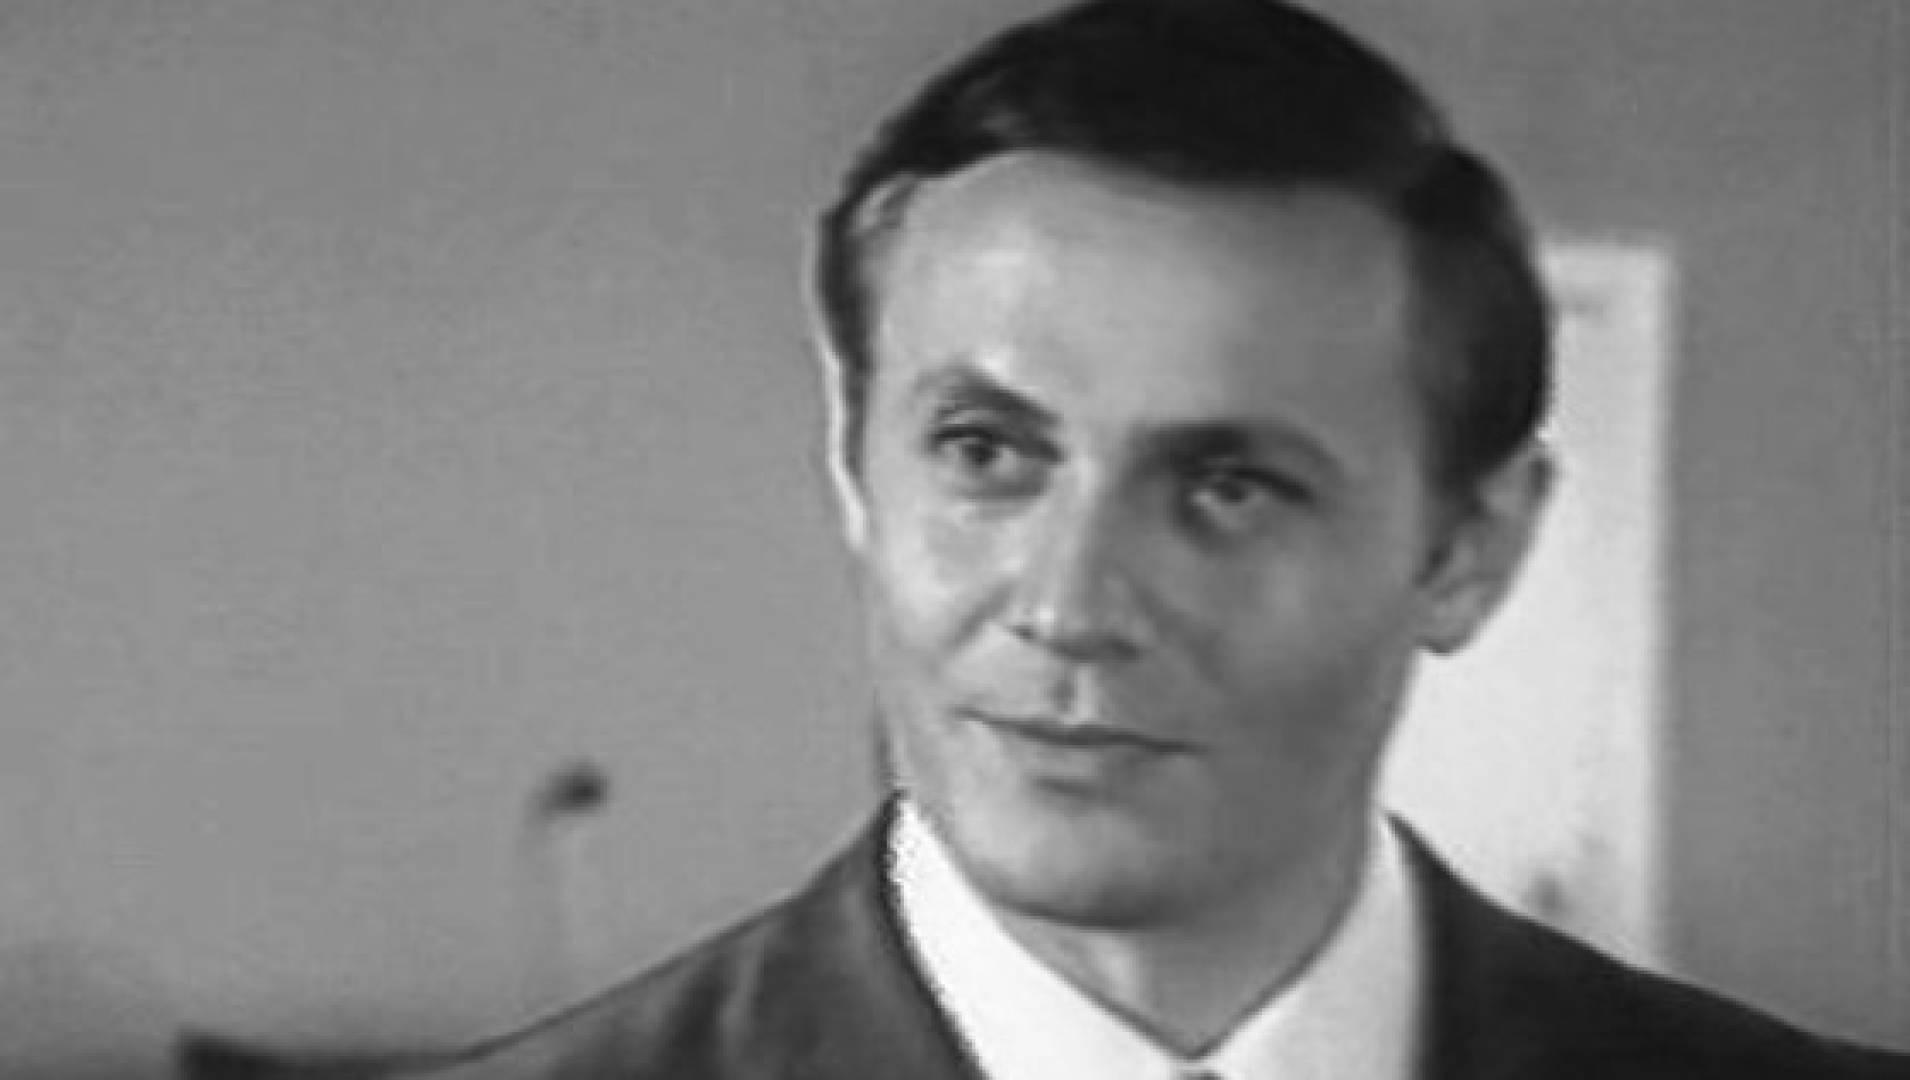 Инспектор уголовного розыска - Детектив, Фильм